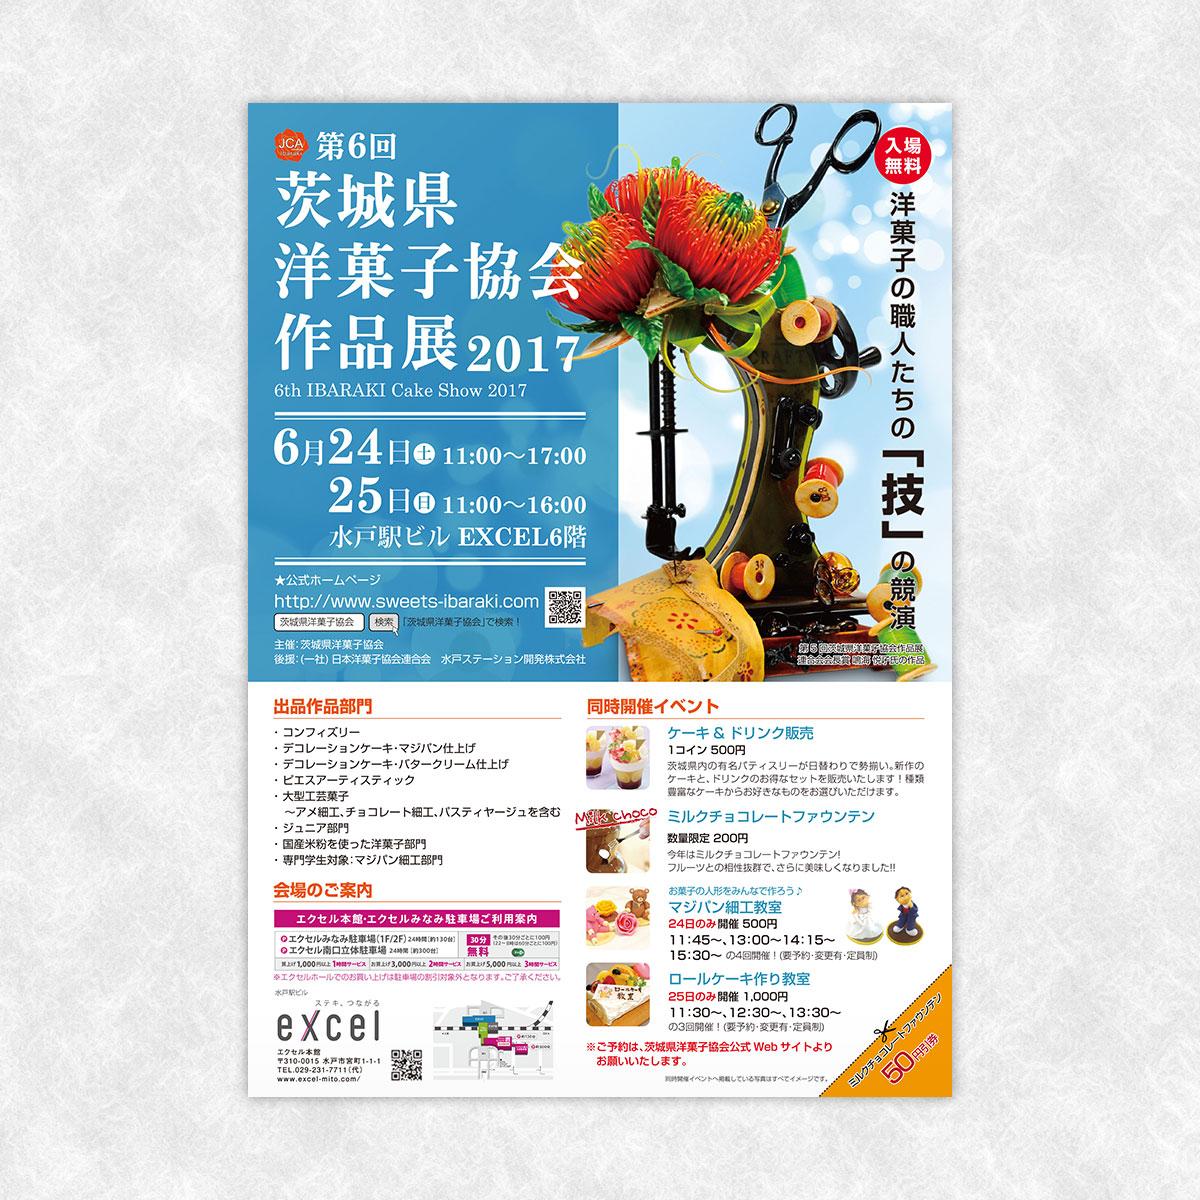 洋菓子協会作品展 チラシ